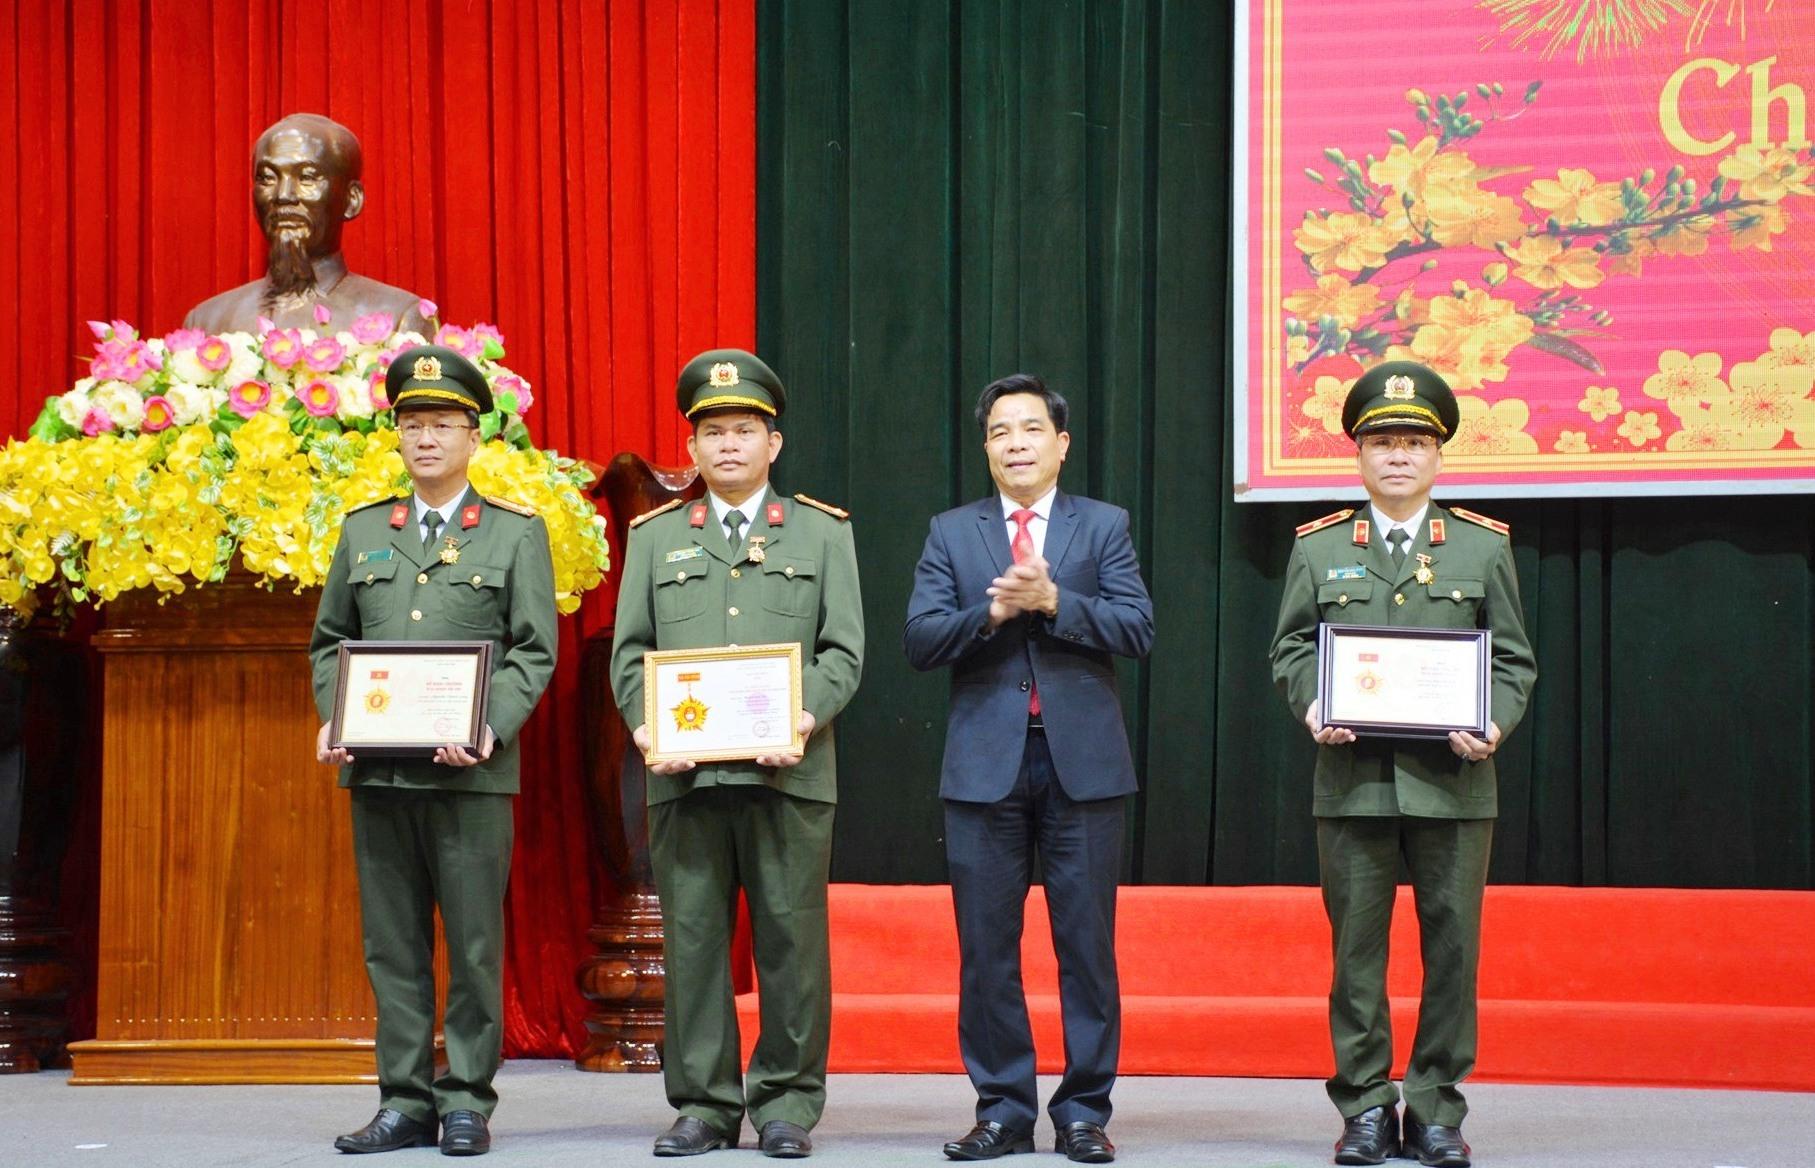 Phó Bí thư Thường trực Tỉnh ủy Lê Văn Dũng trao kỷ niệm chương cho các đồng chí lãnh đạo Công an tỉnh. Ảnh: M.T